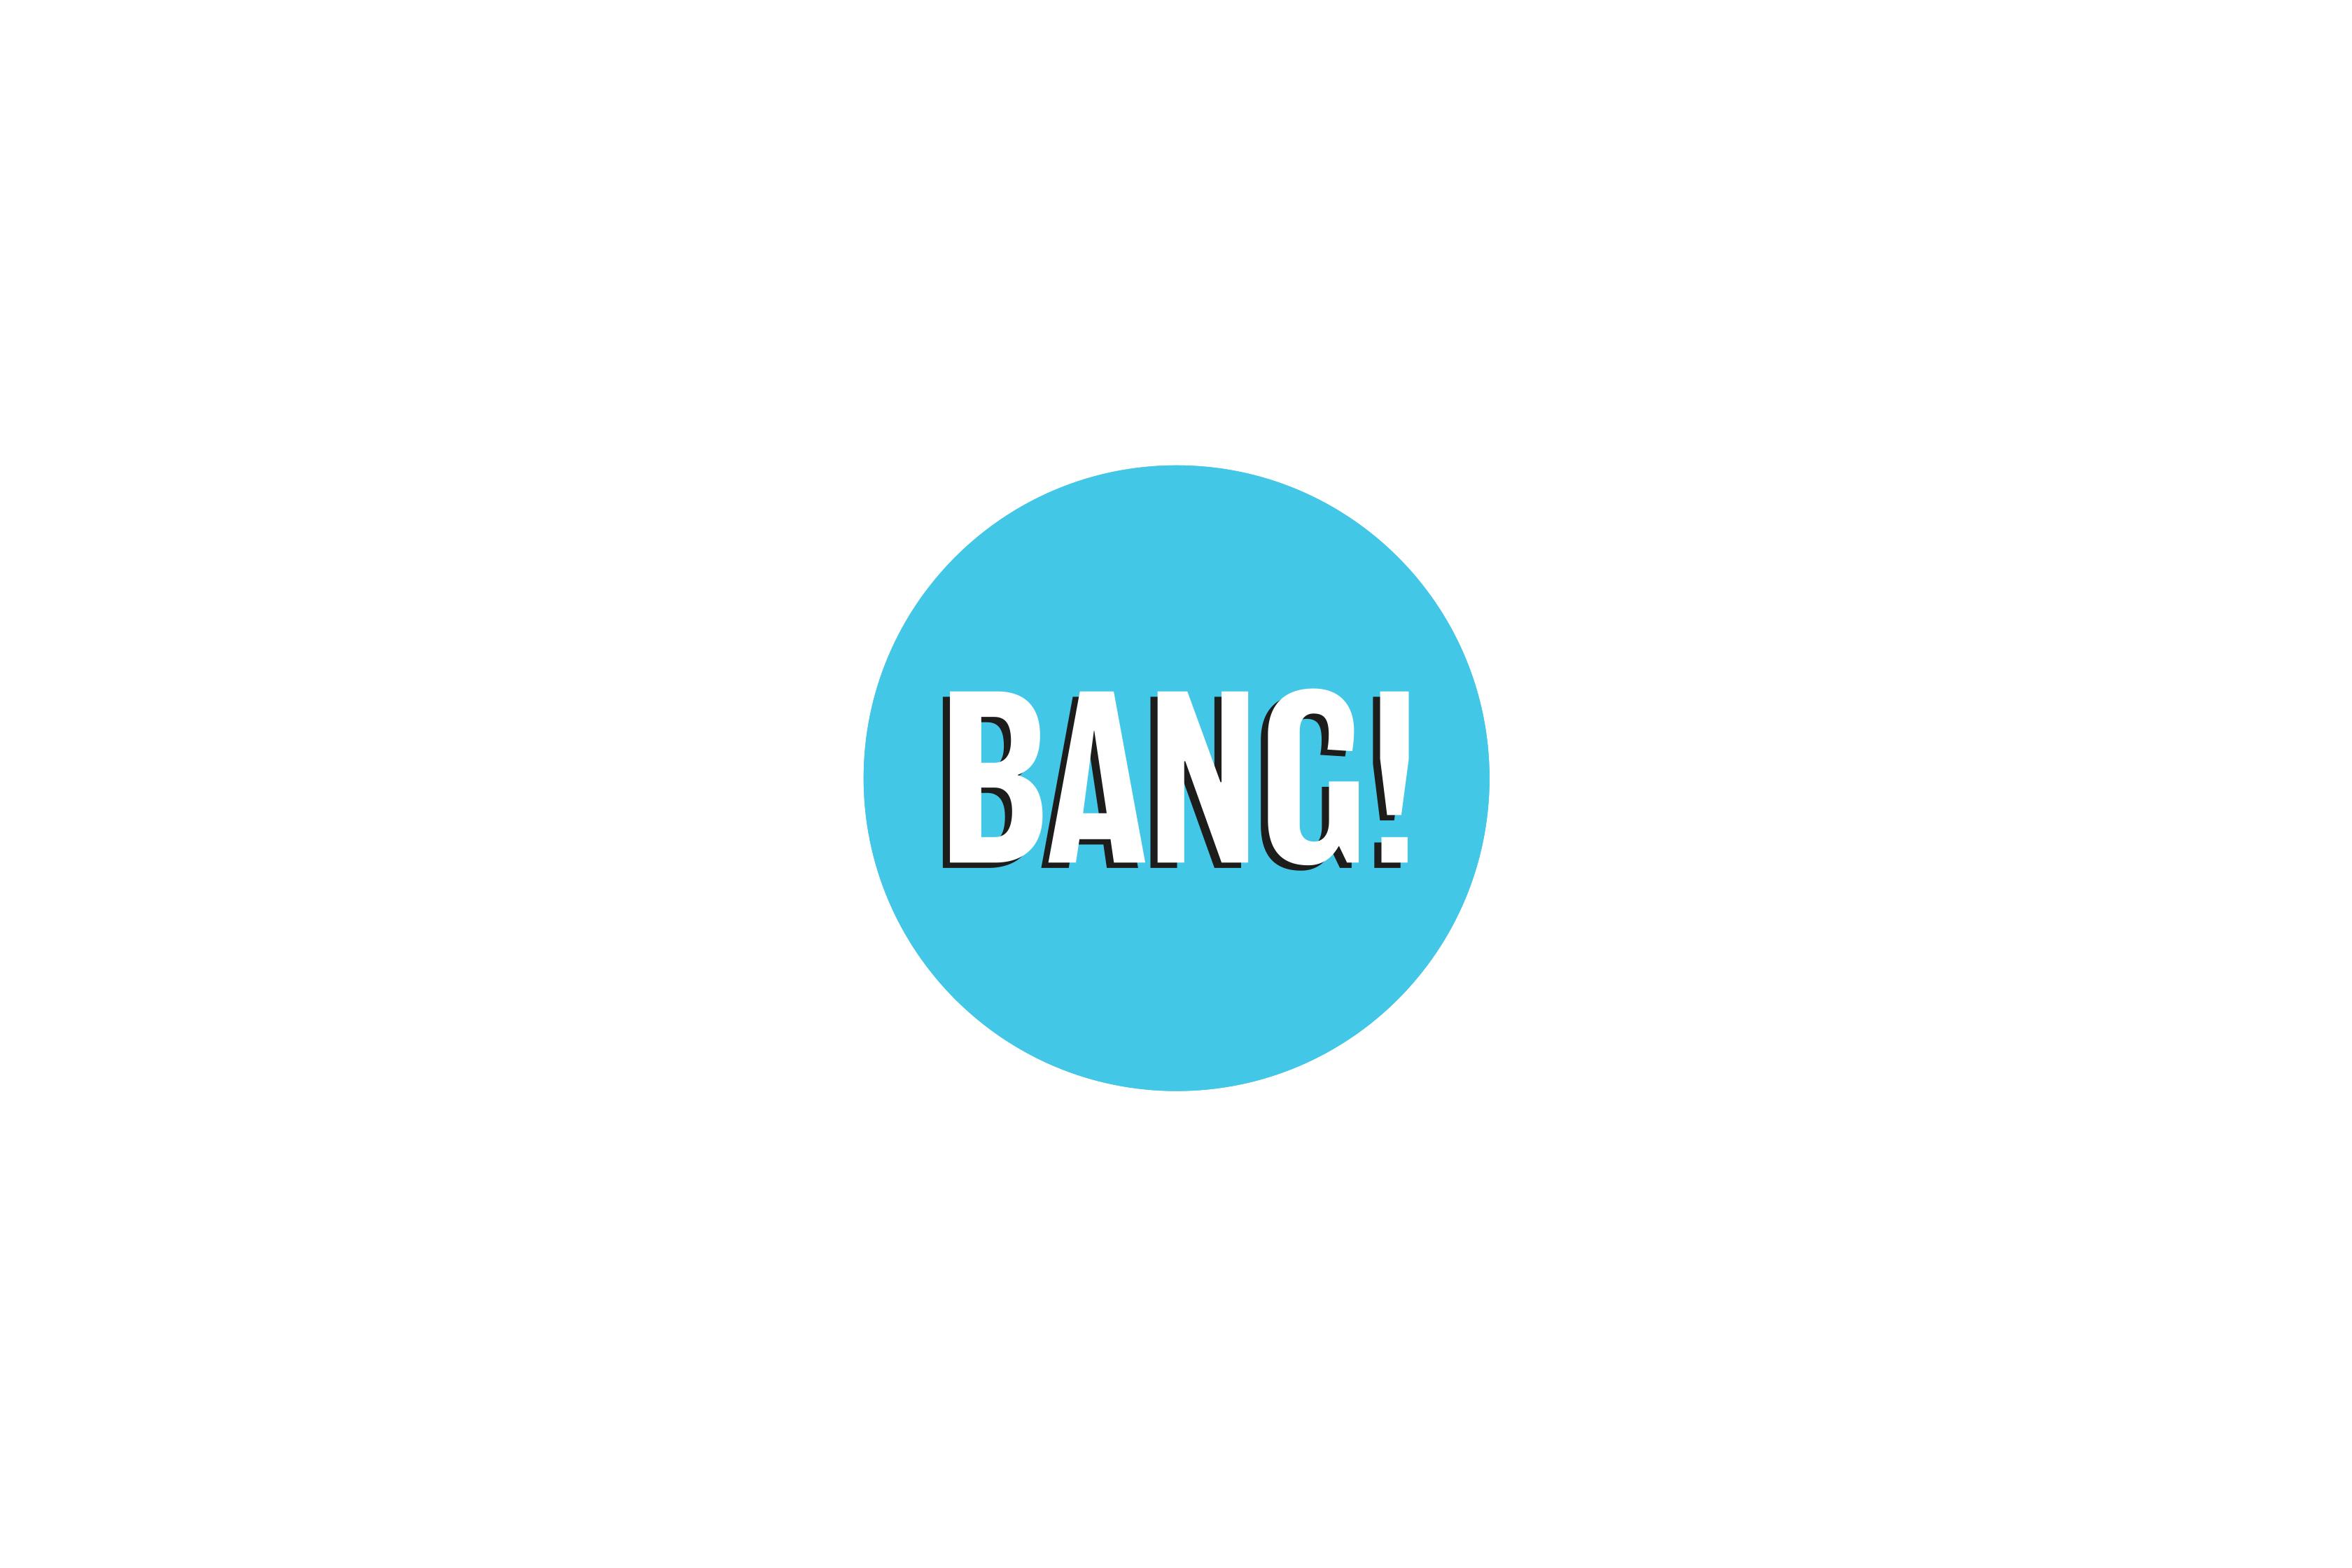 logo-blue-round